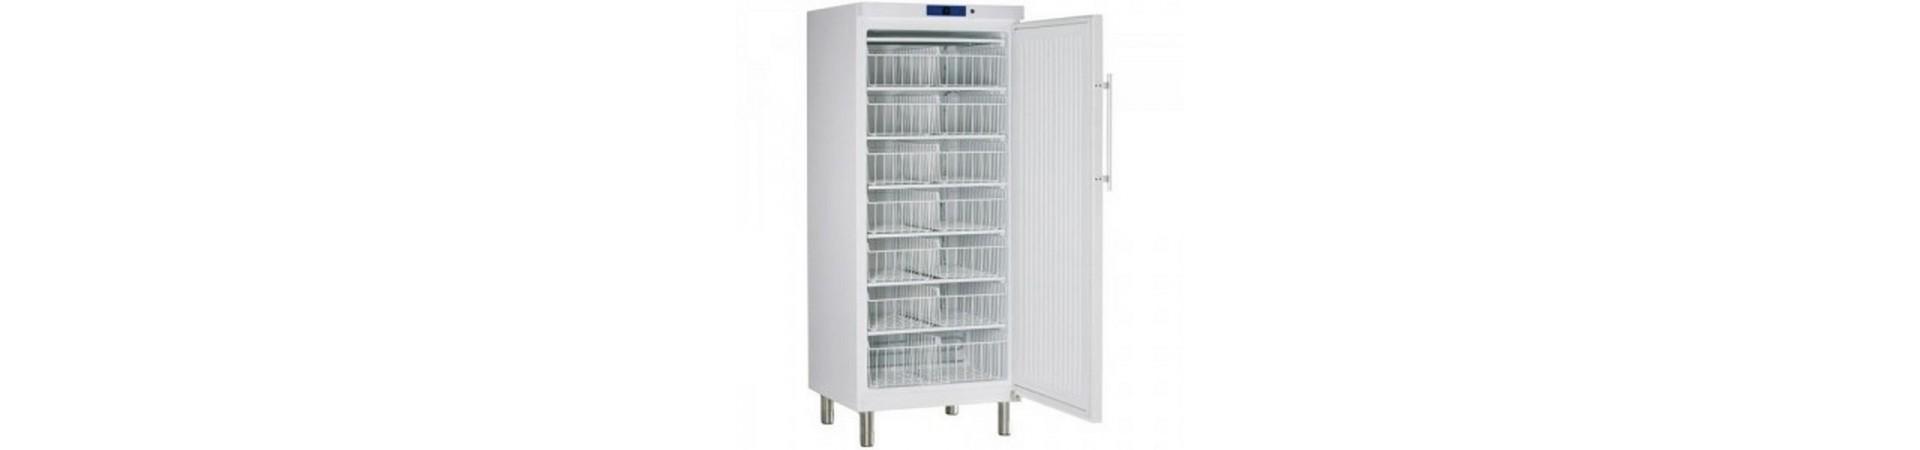 Armarios refrigerados online con garantía y envío rápido